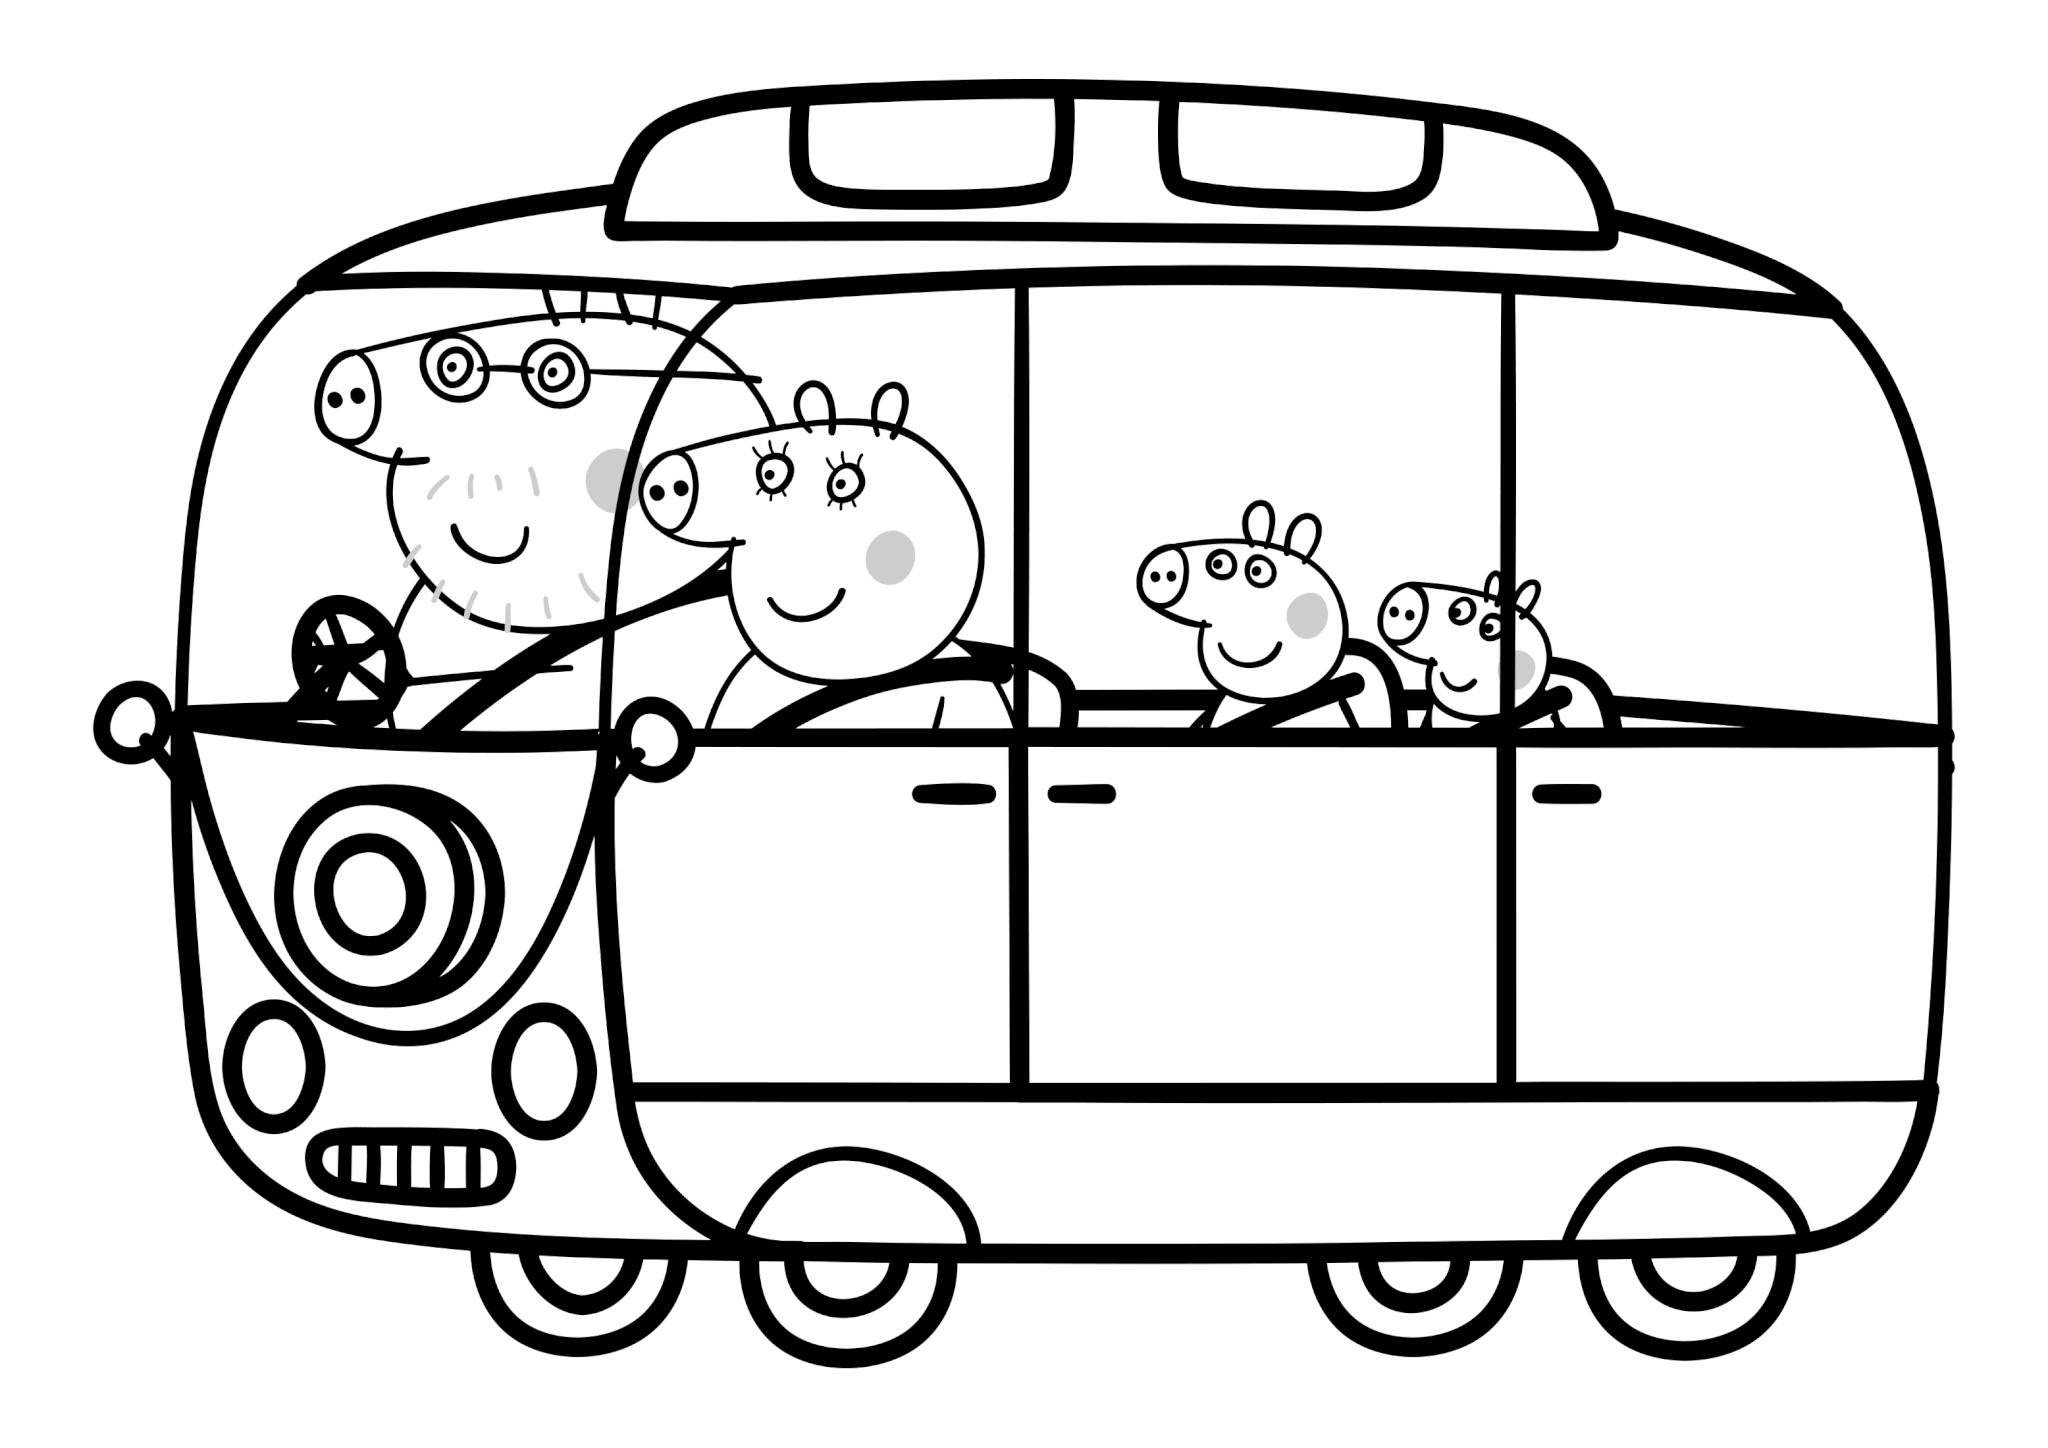 Раскраска Папа Свин, Мама Свинка, Пеппа и Джордж в микроавтобусе